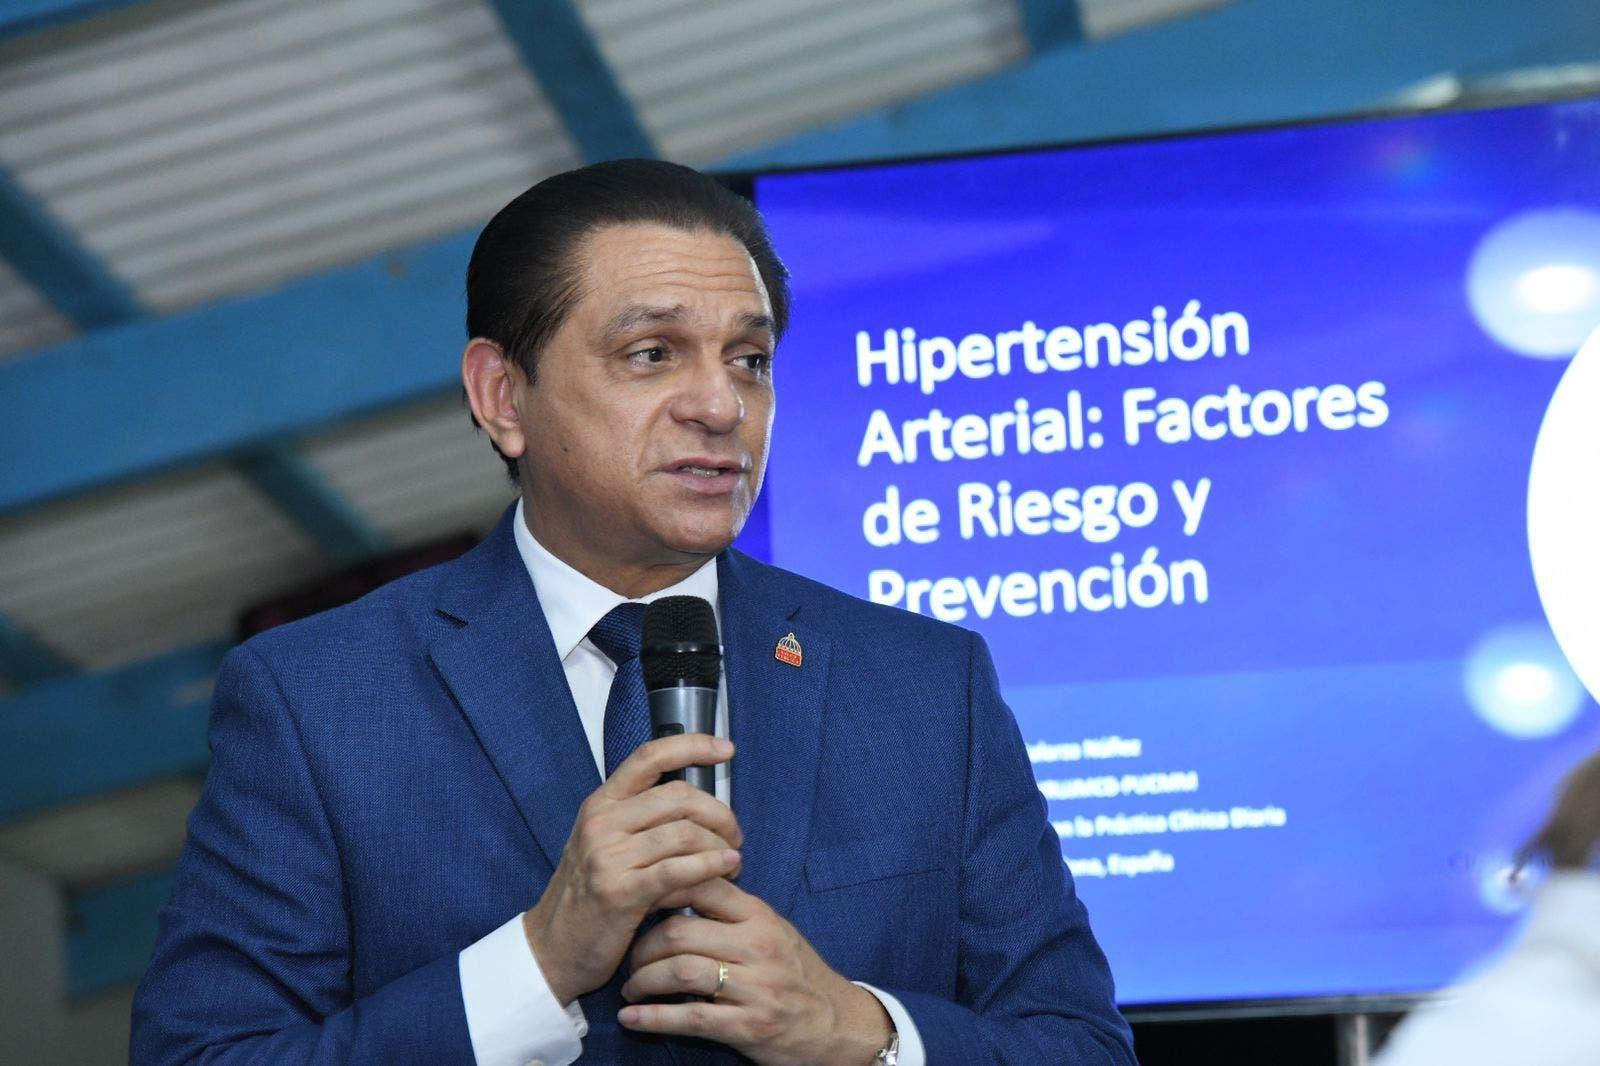 El 50 % de la población de Monte Cristi padece hipertensión, según ministro de Salud